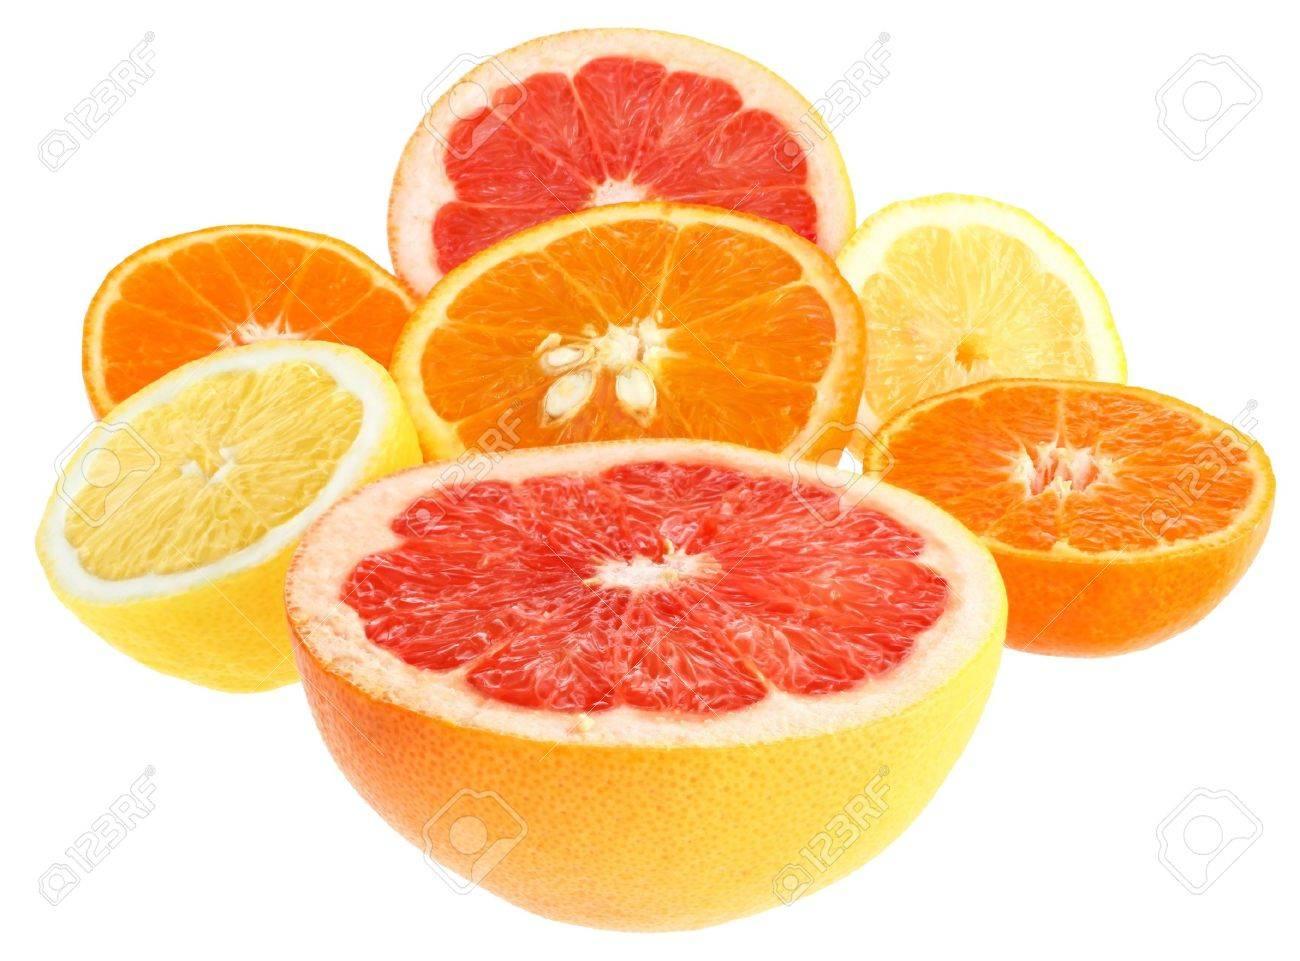 Fresh orange, grapefruit, lemon and tangerine on a white background. Stock Photo - 8912961